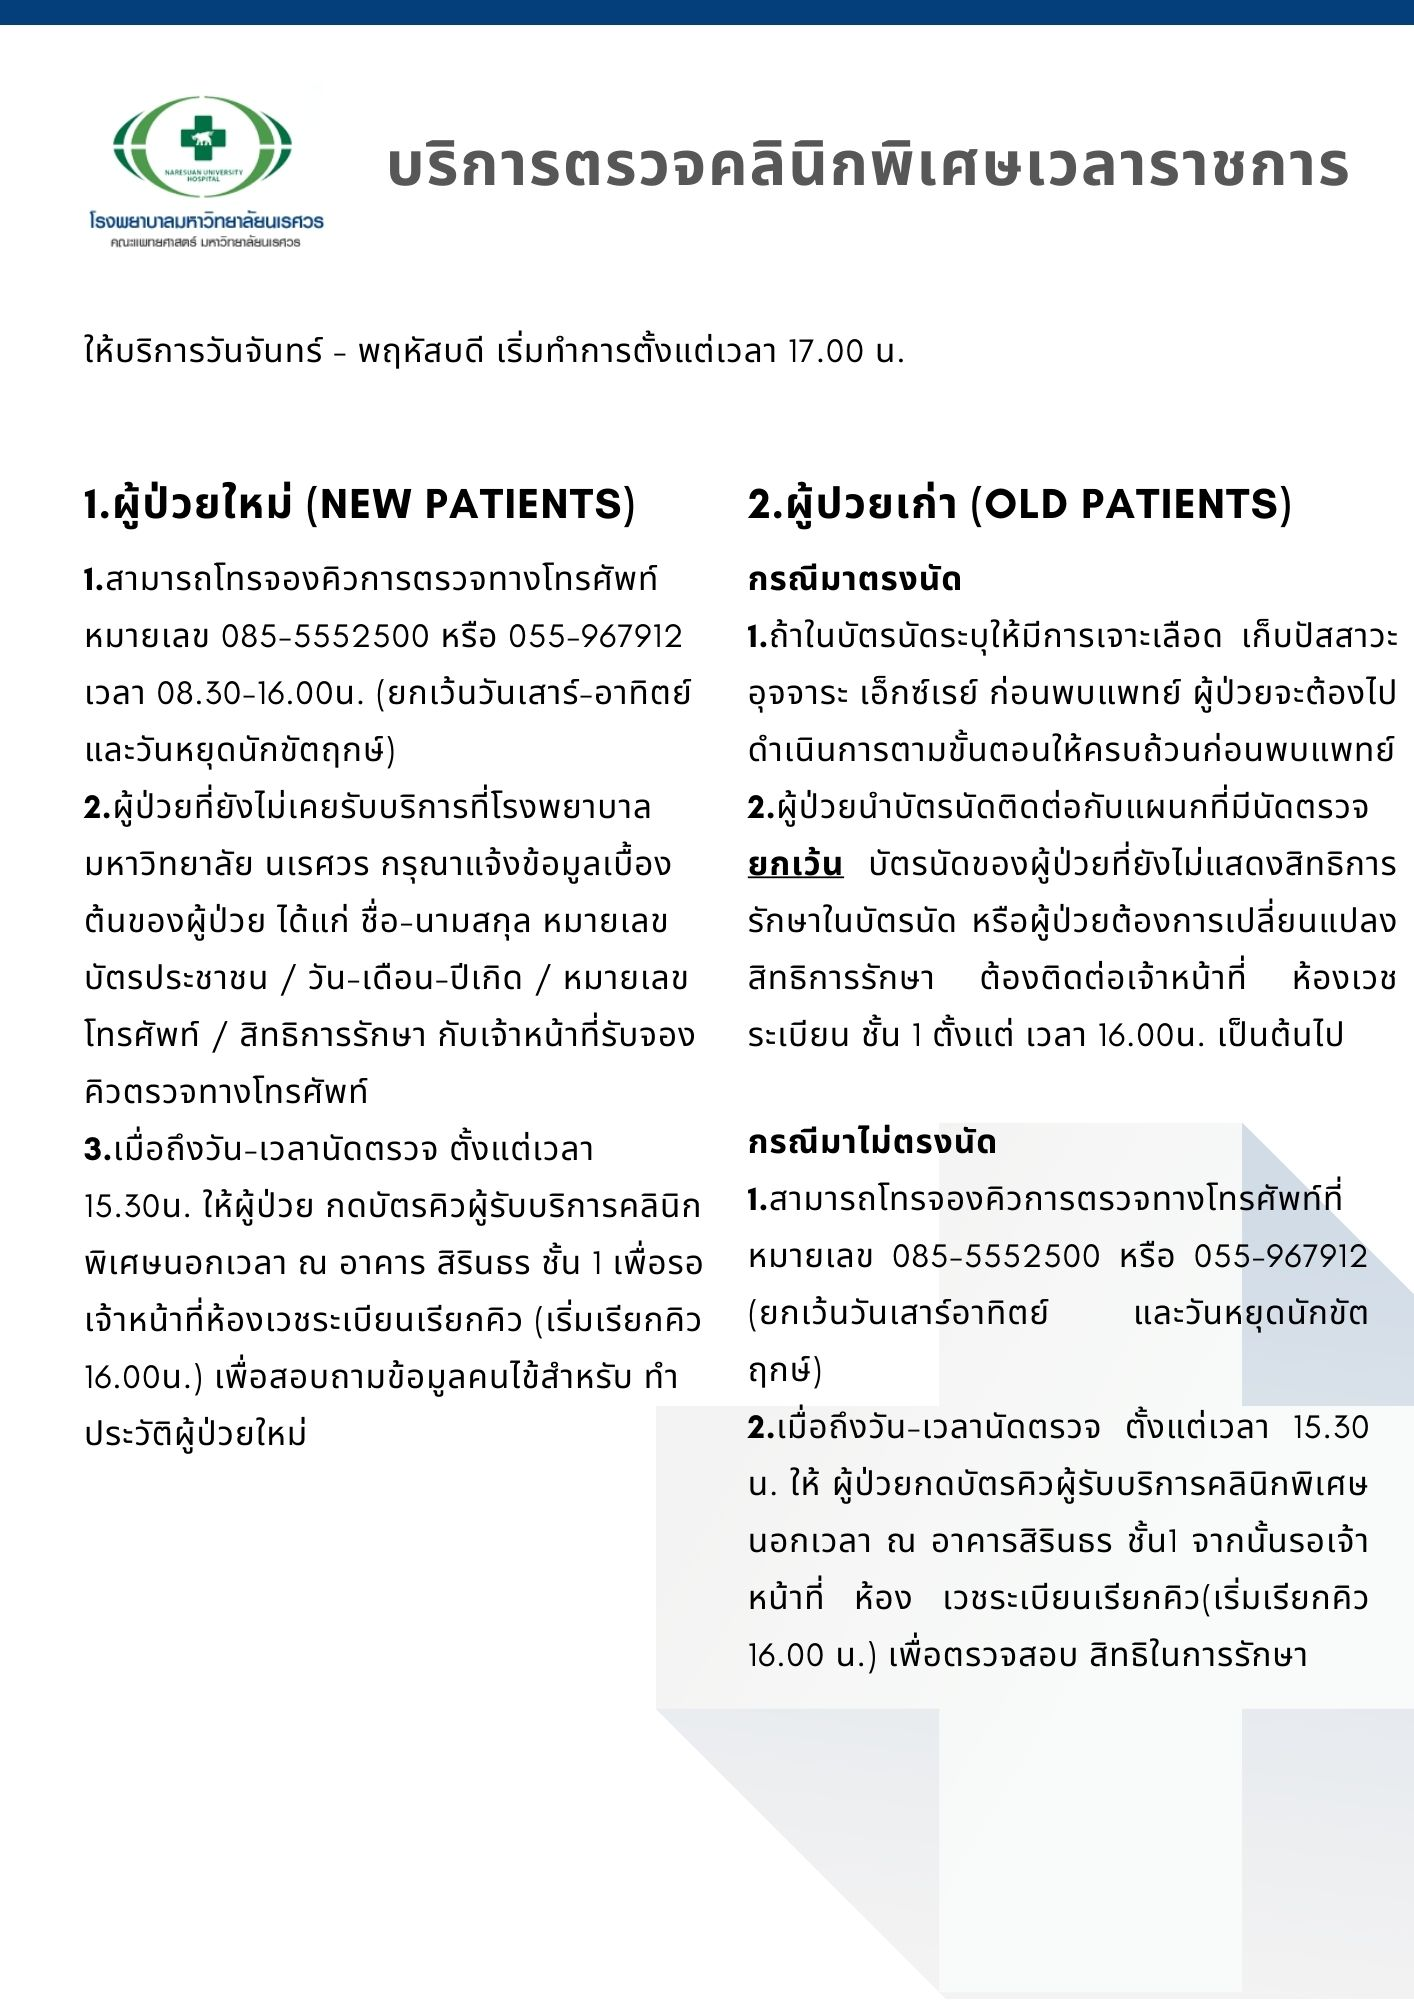 บริการผู้ป่วยนอกเวลา โรงพยาบาลมหาวิทยาลัยนเรศวร คณะแพทยศาสตร์ มหาวิทยาลัยนเรศวร